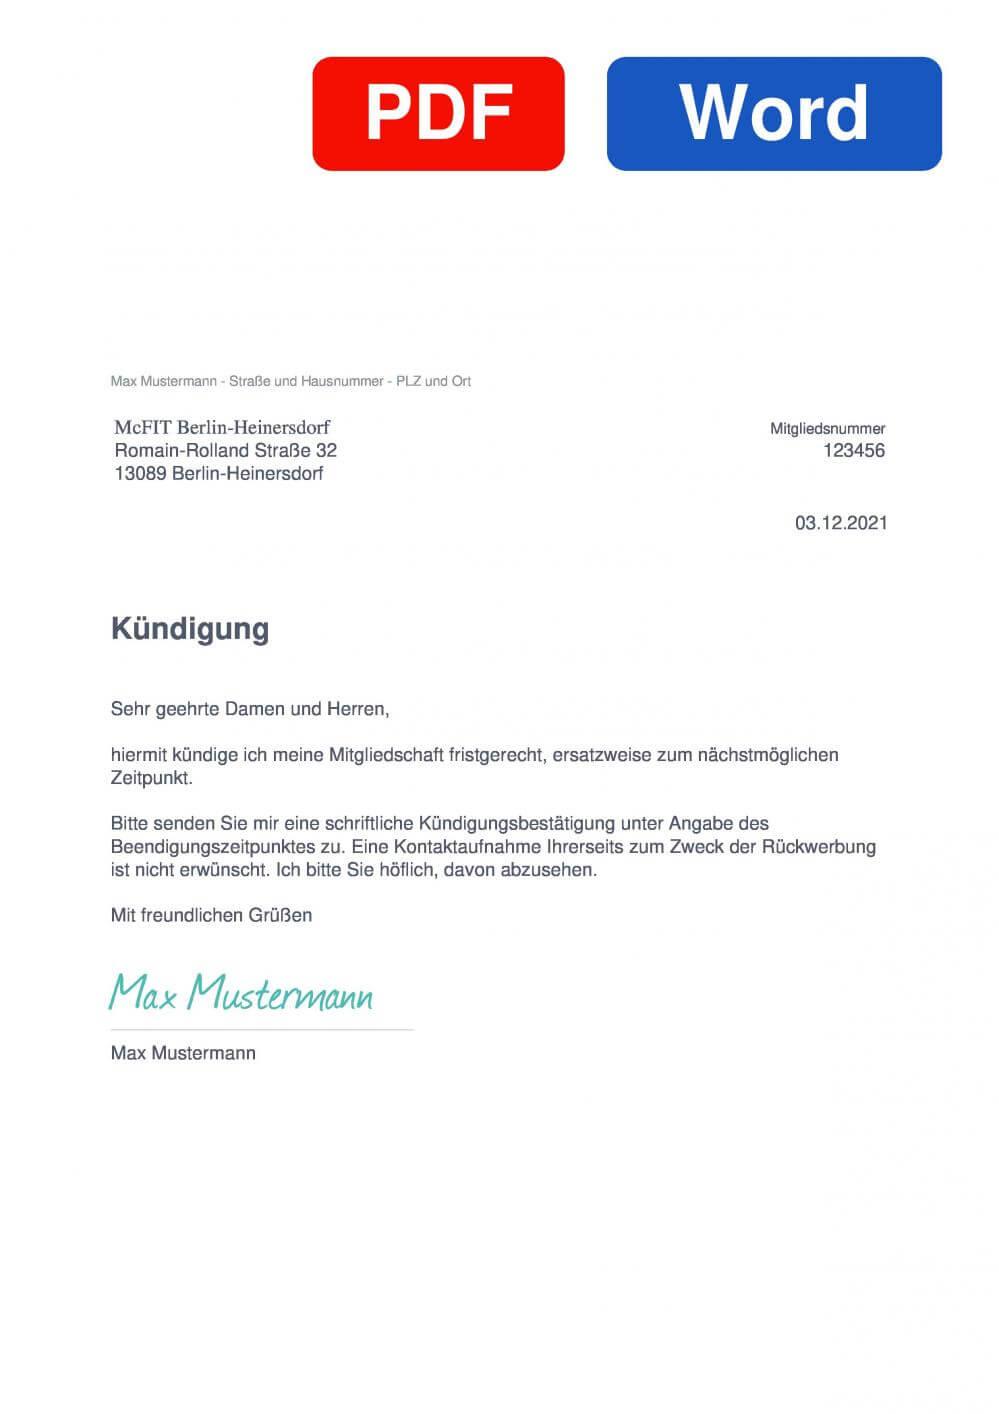 McFIT Berlin-Heinersdorf Muster Vorlage für Kündigungsschreiben